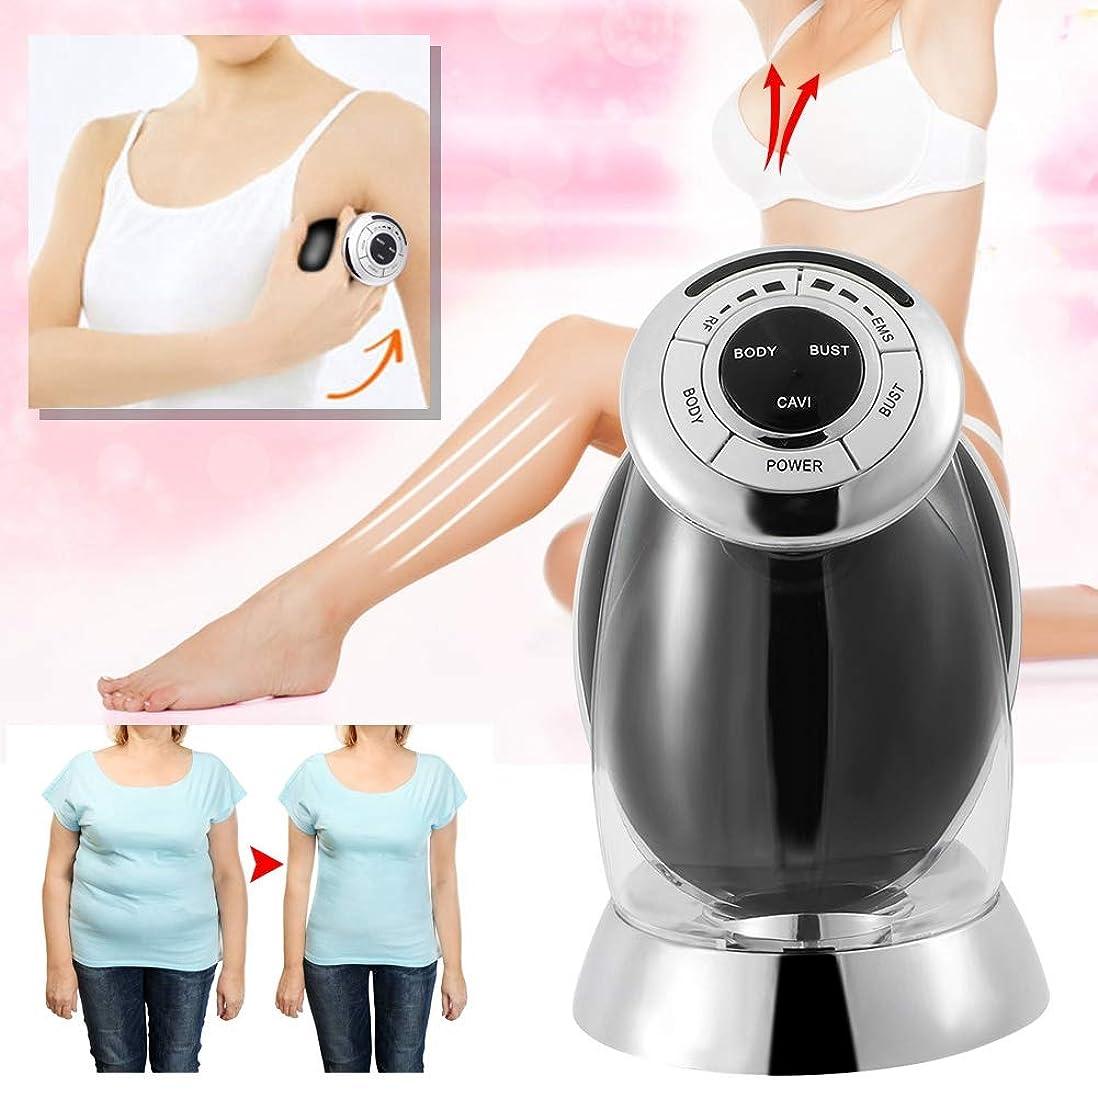 黒人旅客半島胸美容ツール、ボディ痩身マシン、EMS RF脂肪燃焼マシン、痩身ボディ、乳房脂肪美容機器の燃焼用(UK)